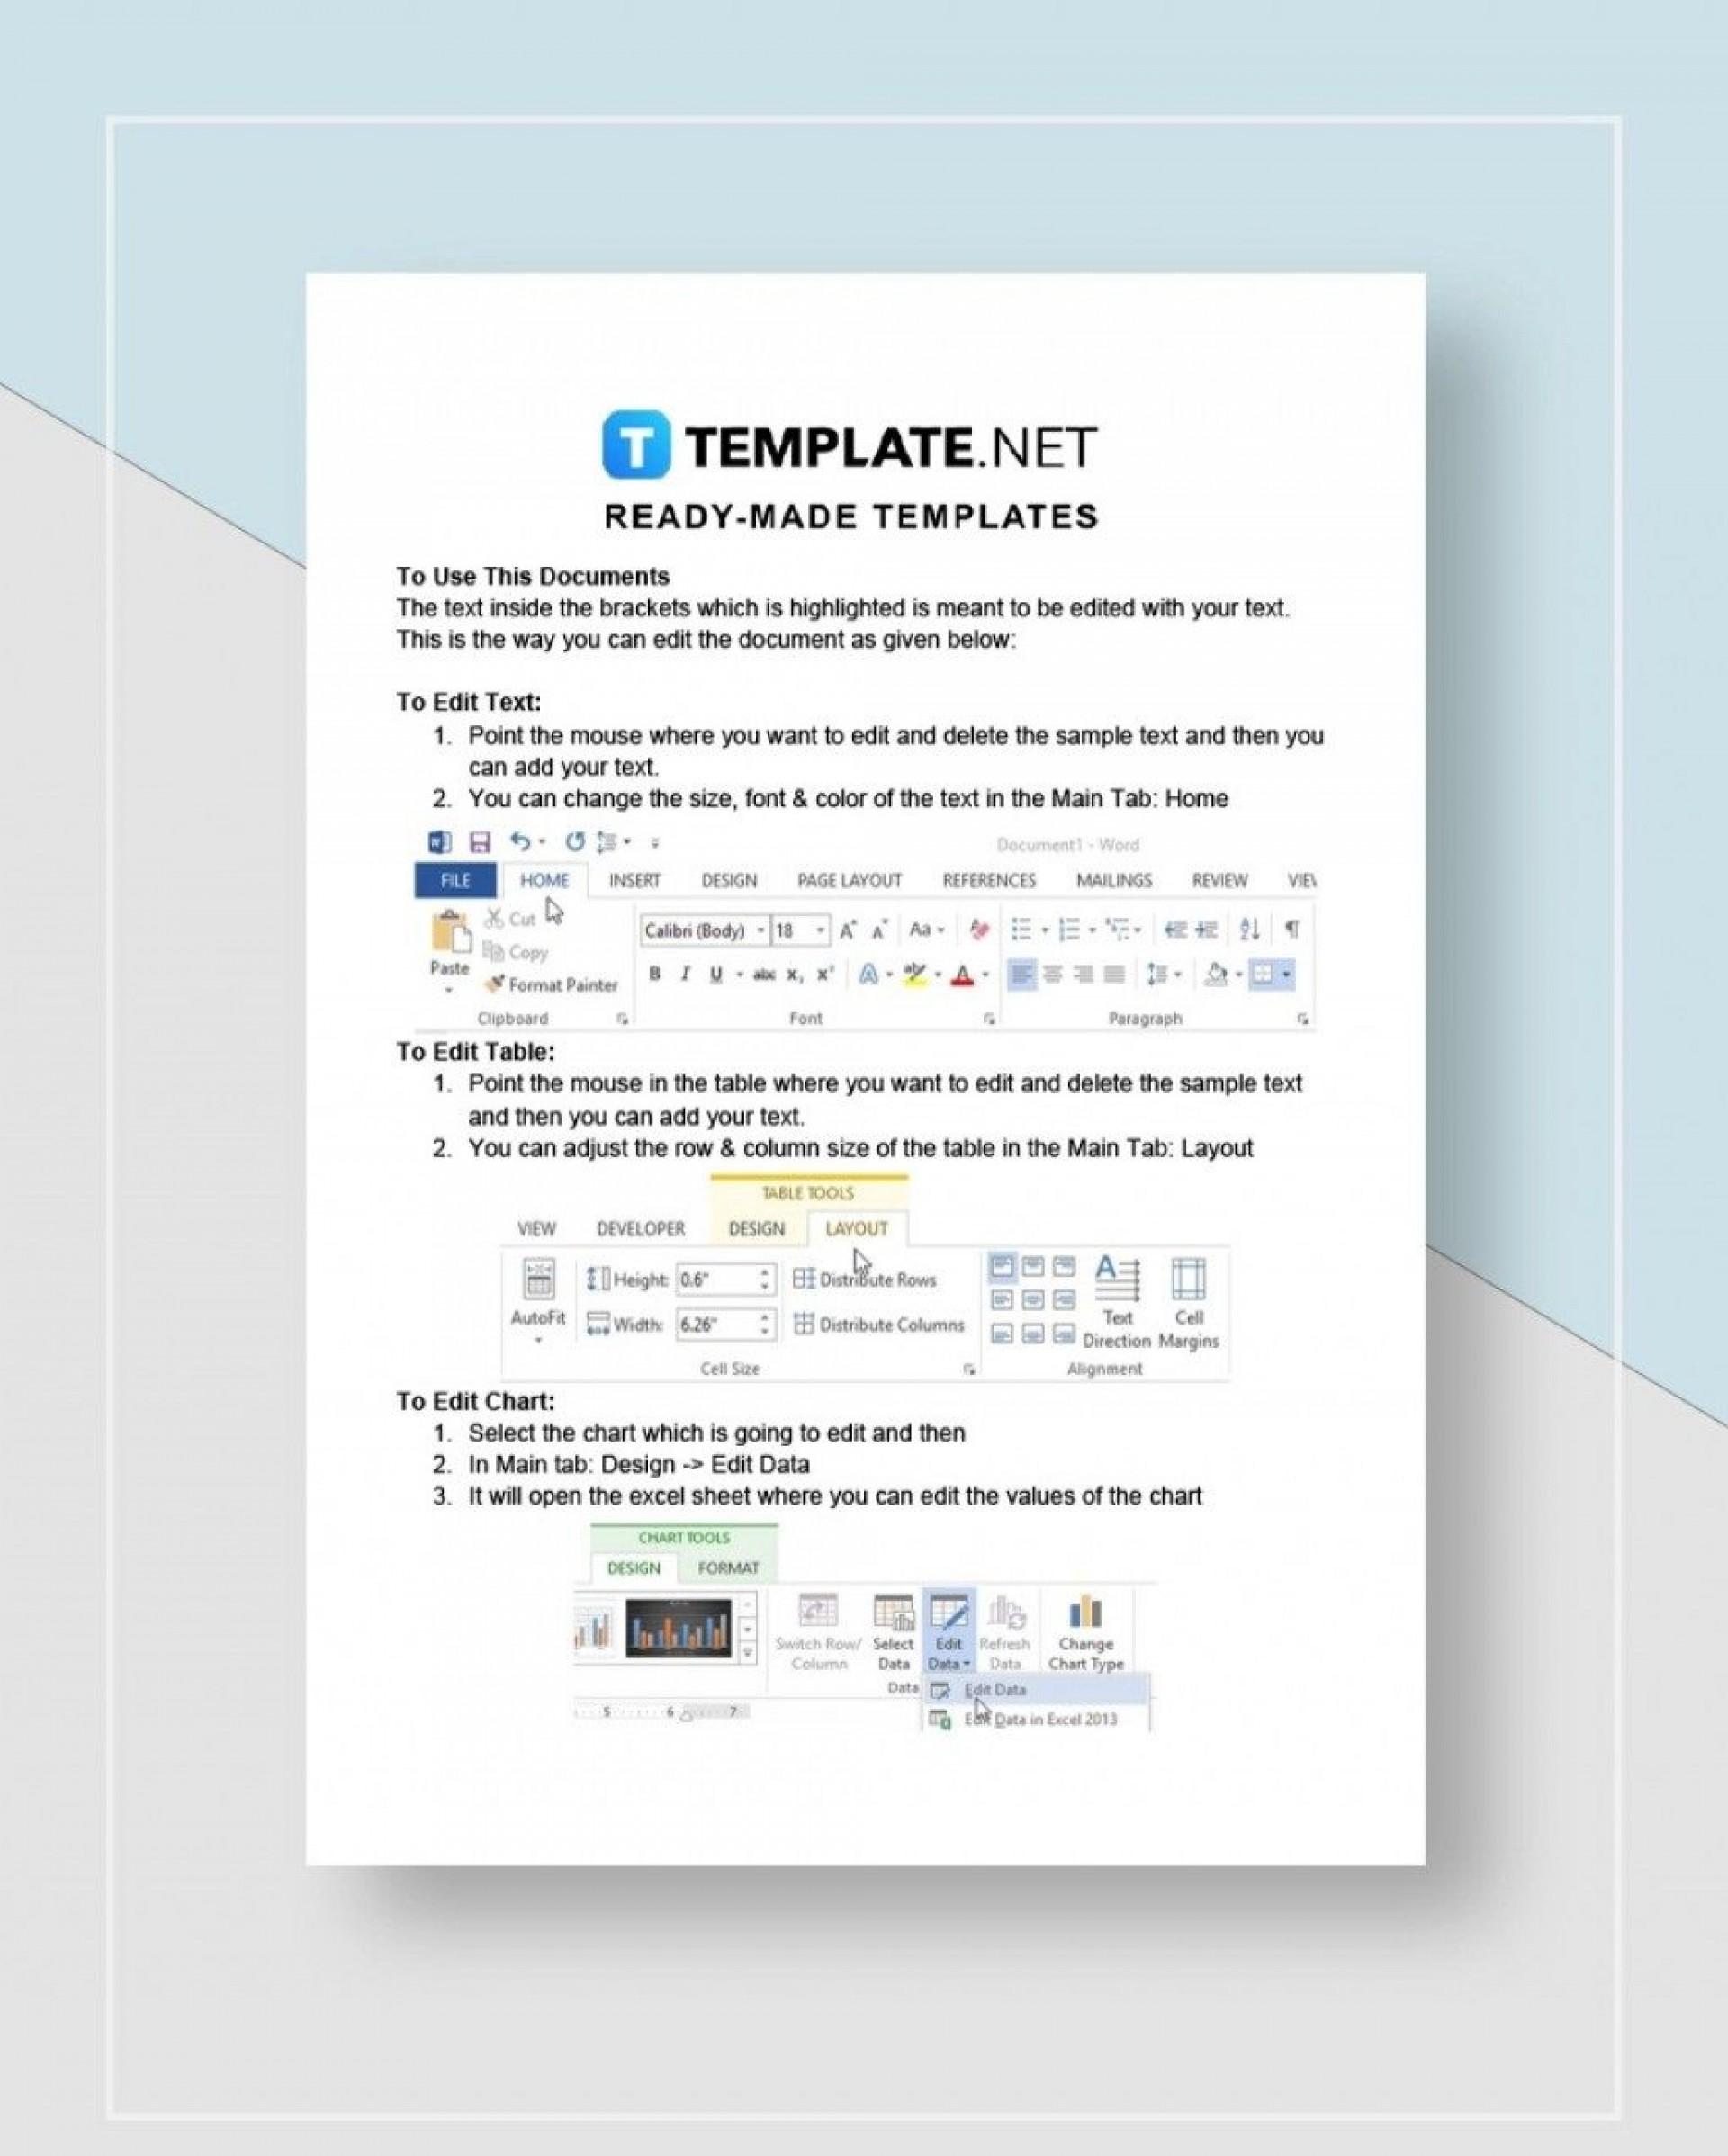 008 Stupendou Graphic Design Proposal Template Doc Free Idea 1920